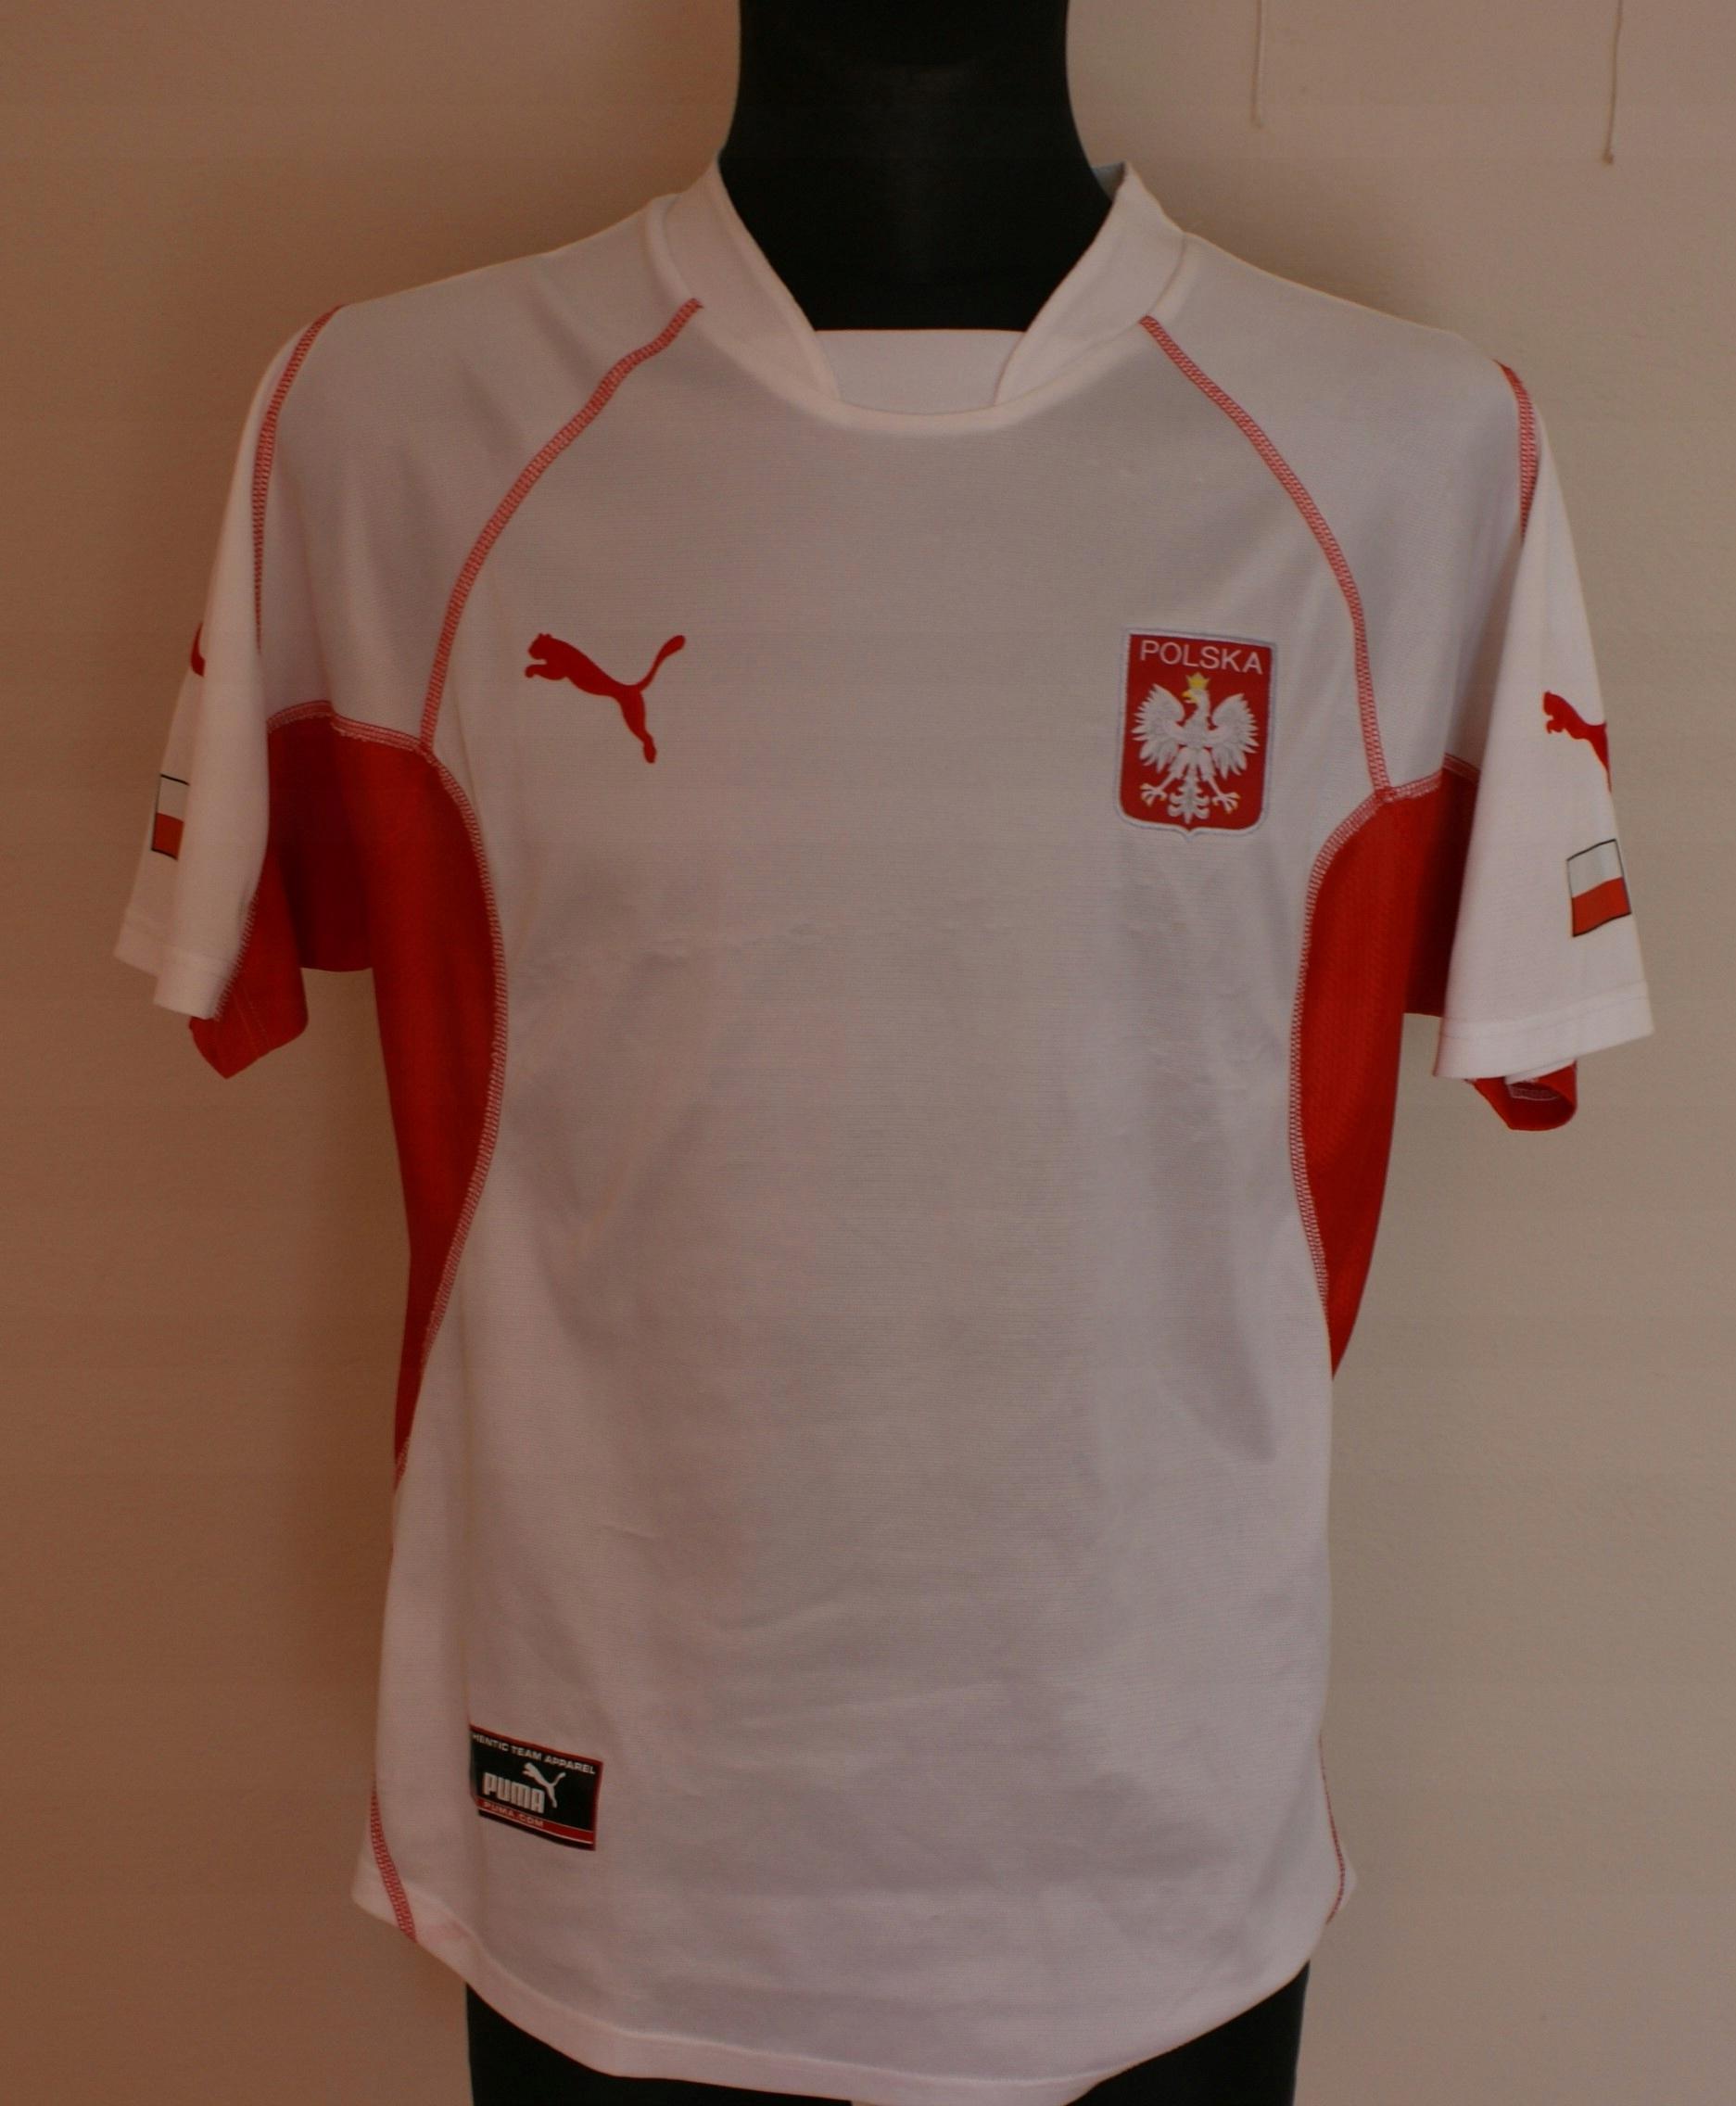 3a48d23cff7a4 Koszulki Kielce w Oficjalnym Archiwum Allegro - archiwum ofert